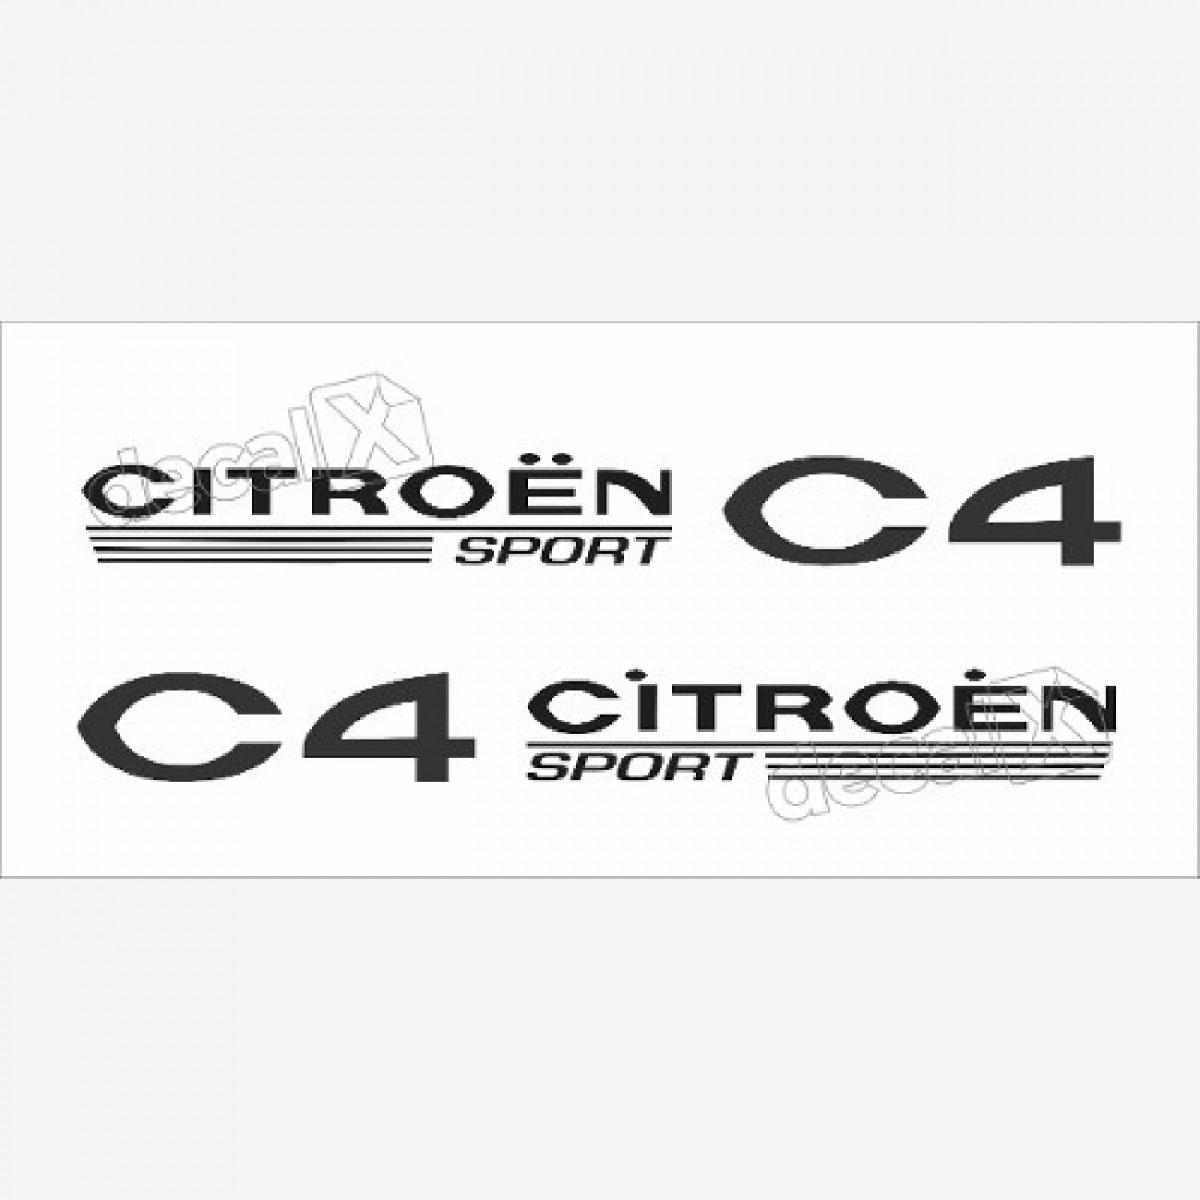 Adesivo Faixa Lateral Citroen C4 Sport - Decalx